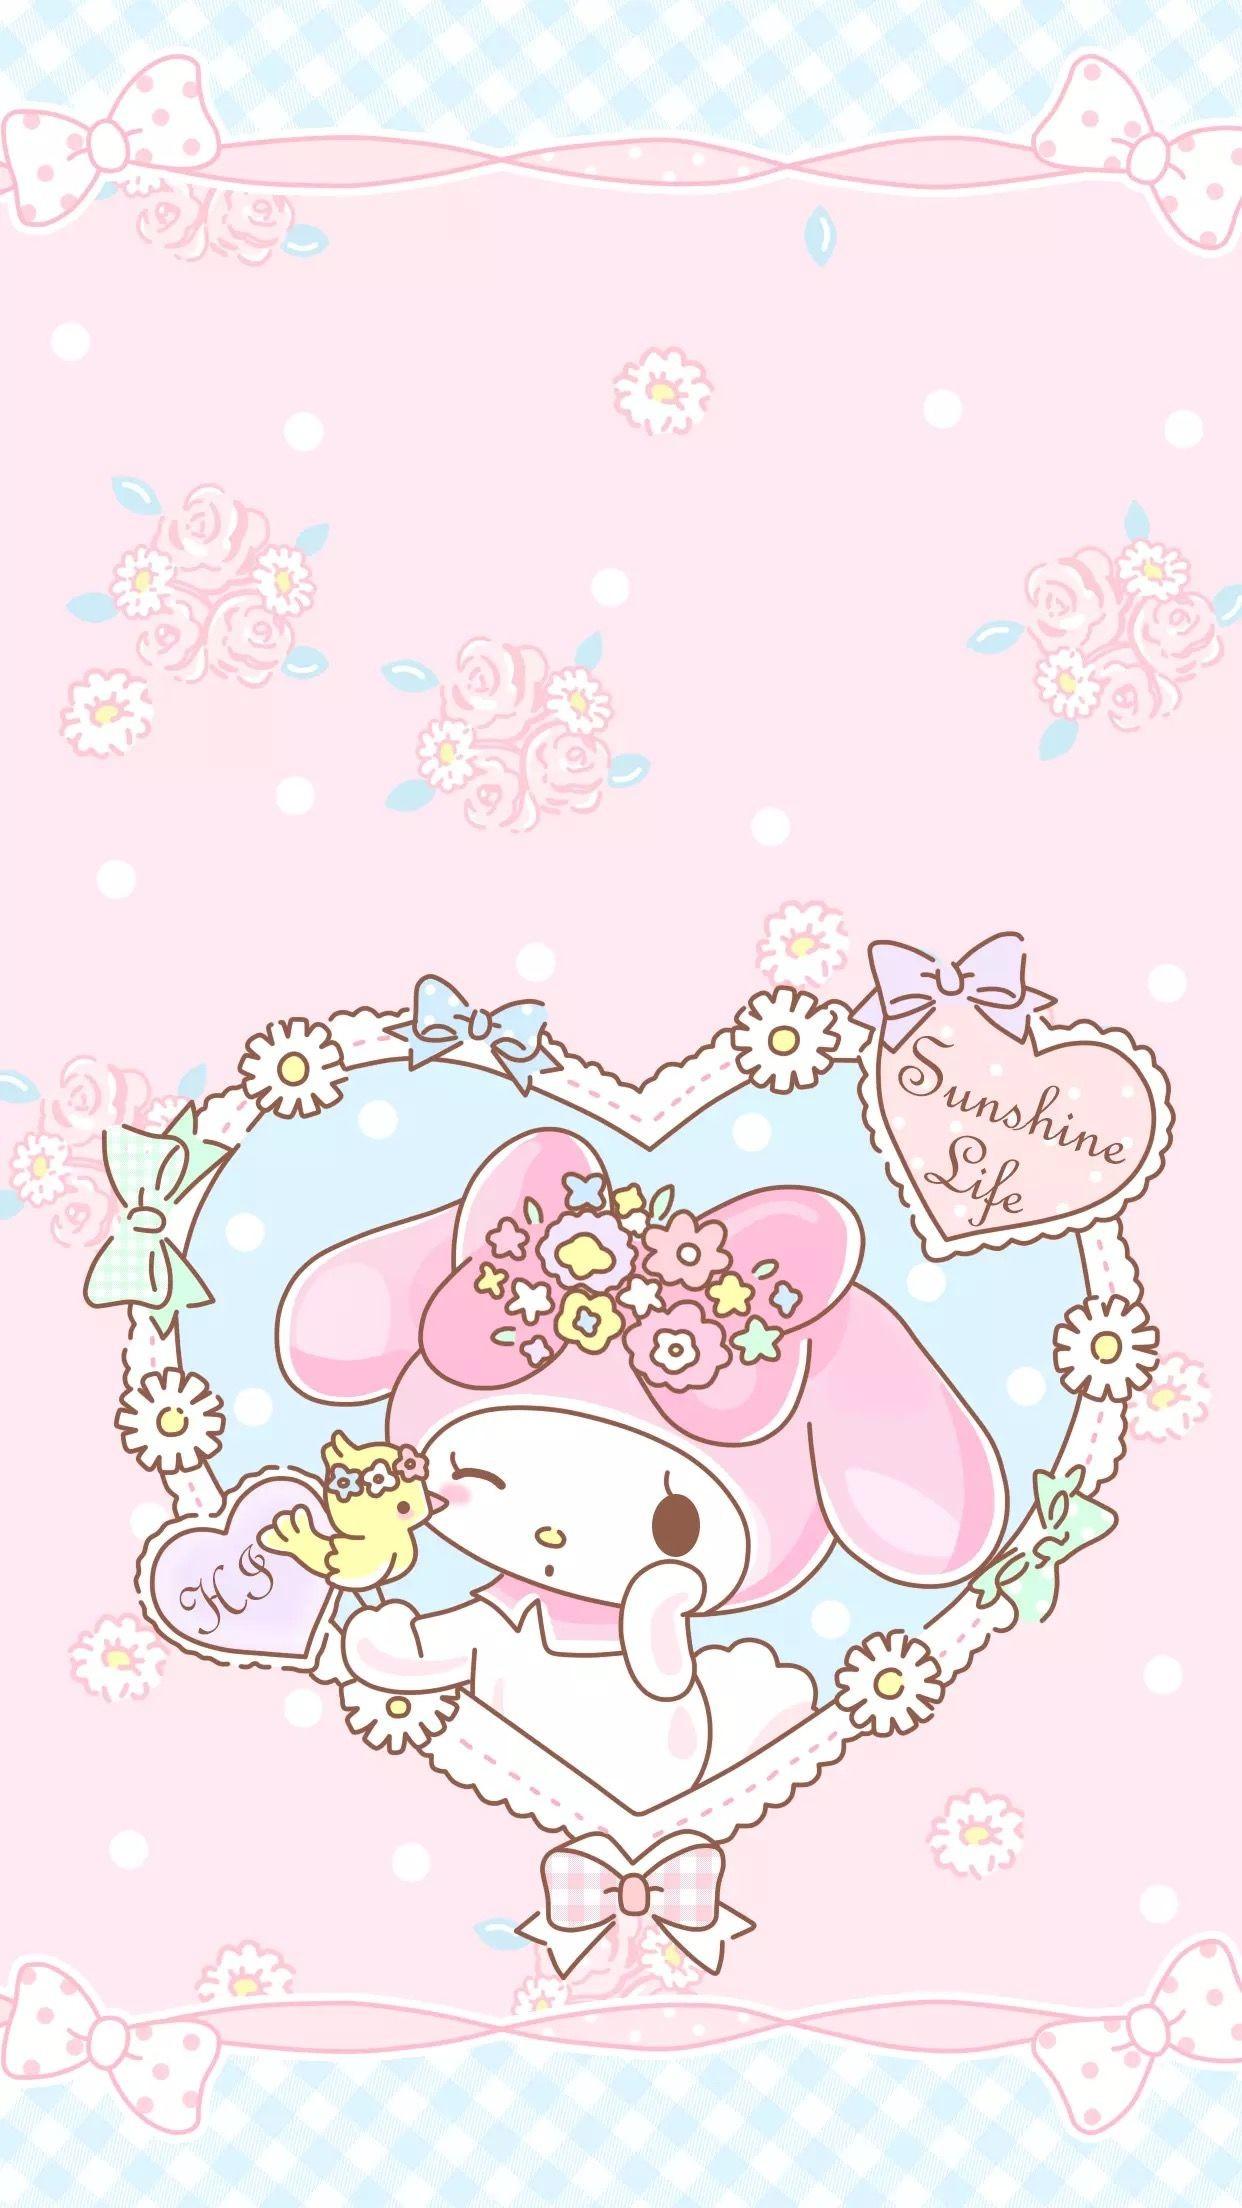 104 1046433 1242x2208 sanrio wallpaper my melody wallpaper kawaii my